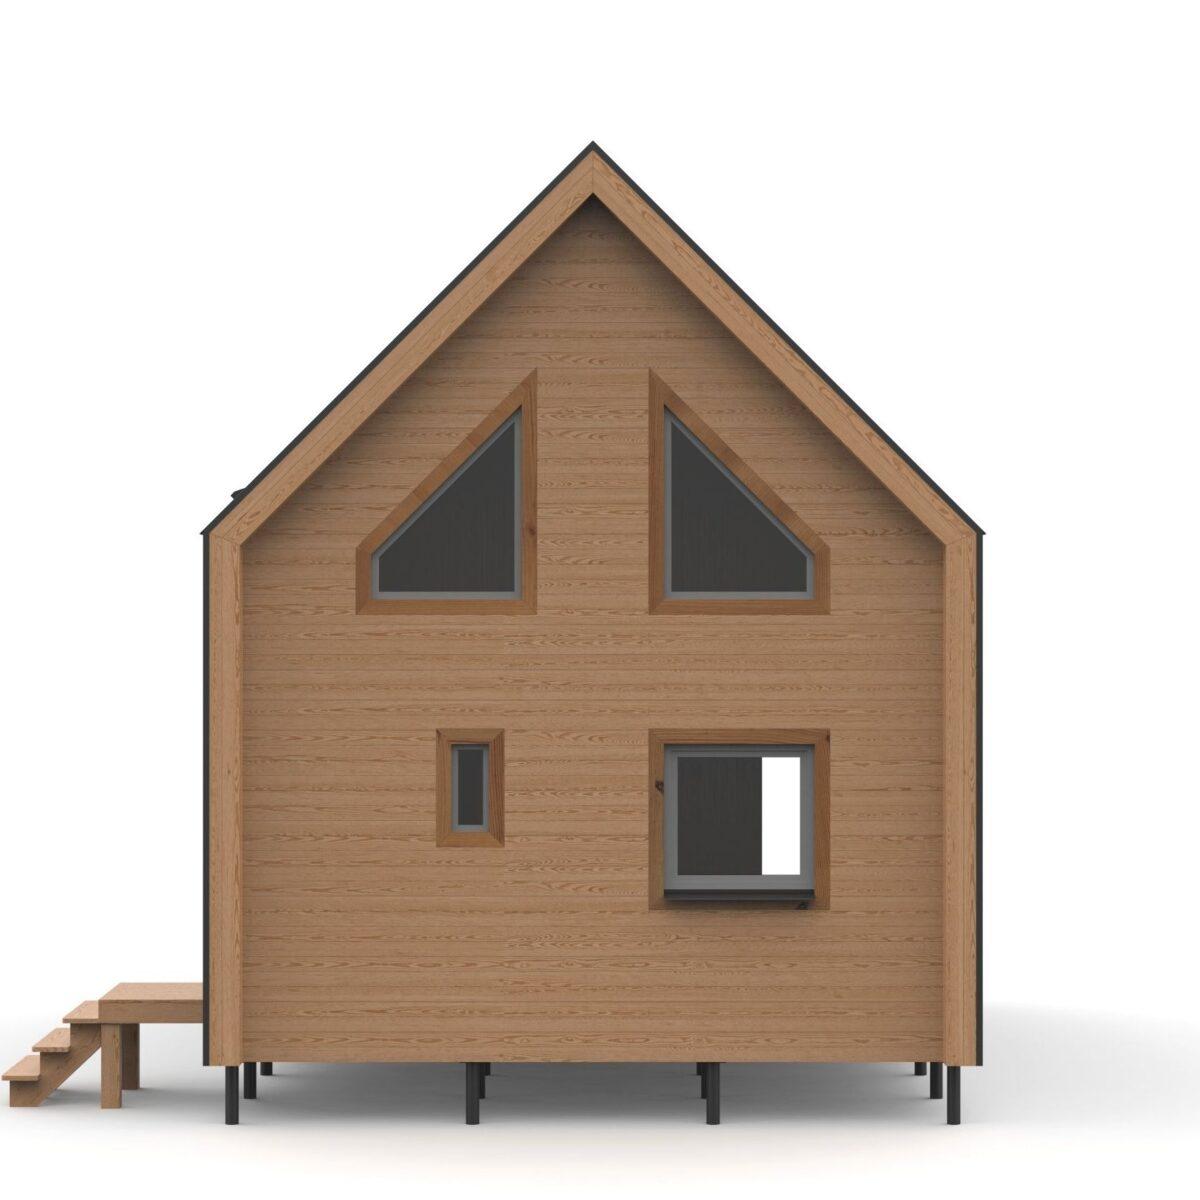 Barn_78-05